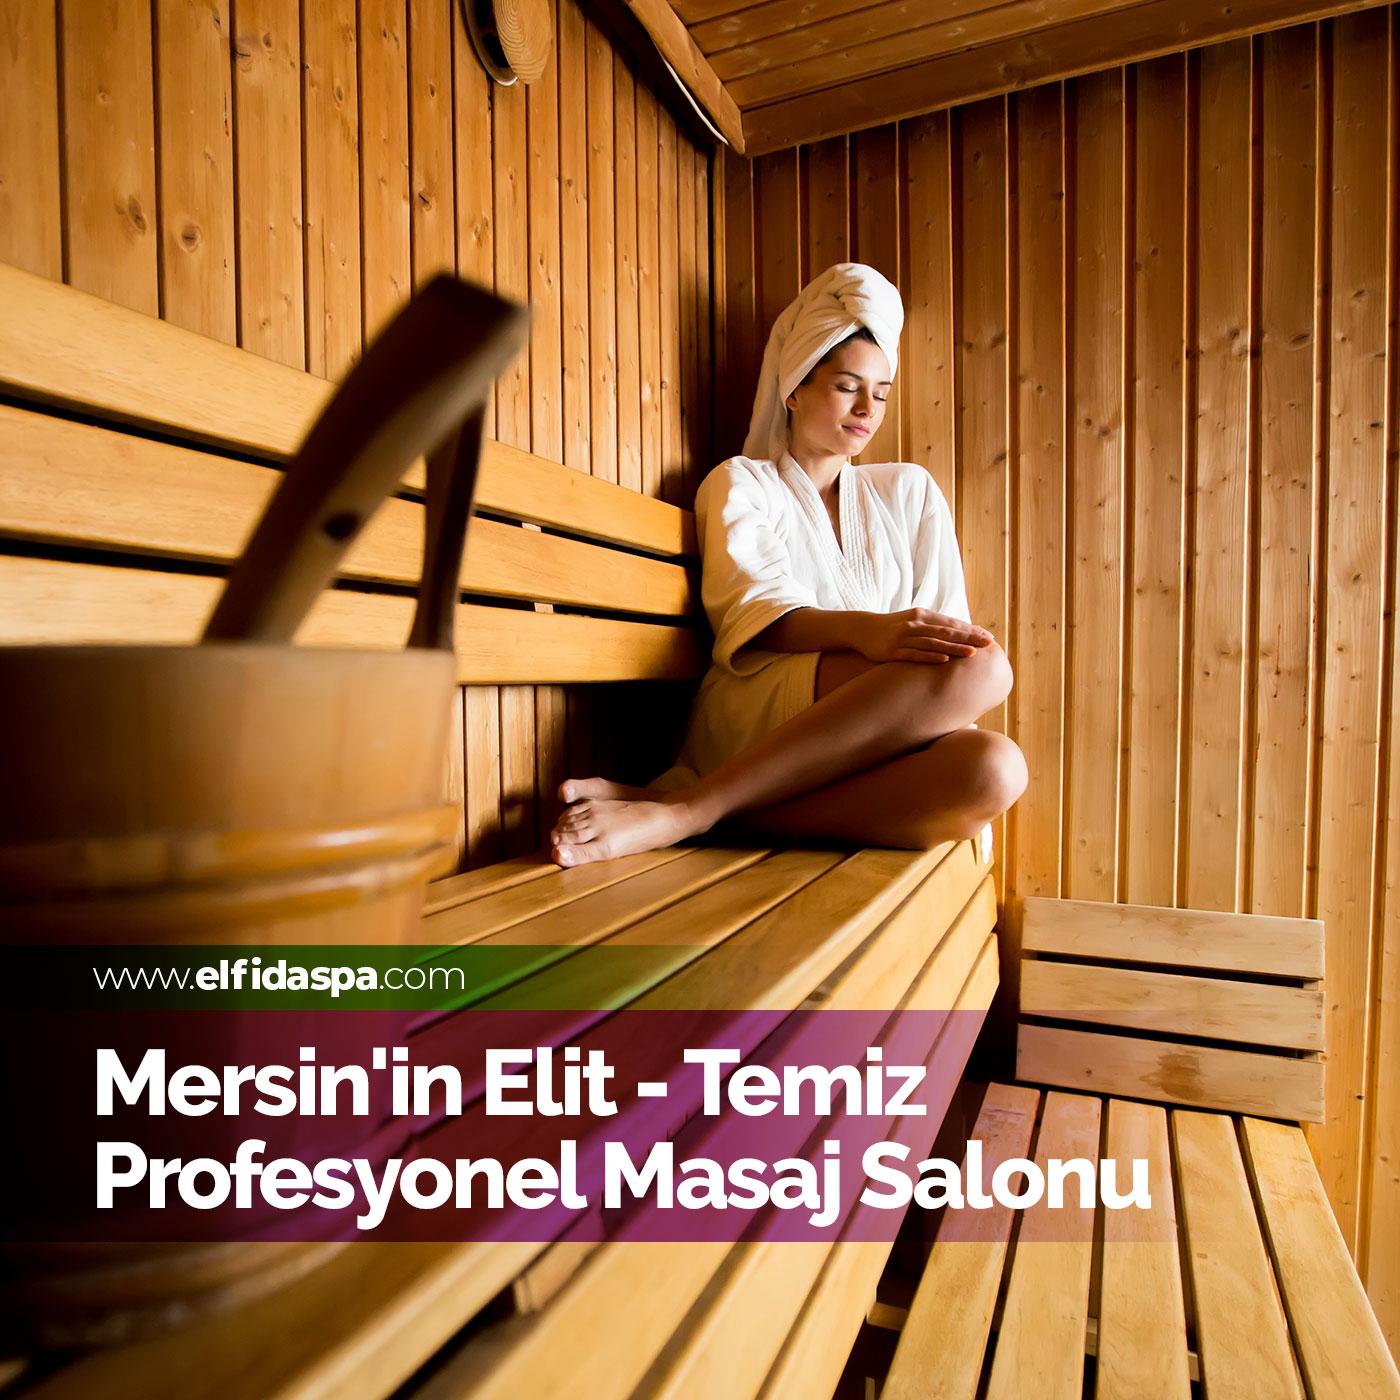 Mersin'in Elit - Temiz - Profesyonel Masaj Salonu